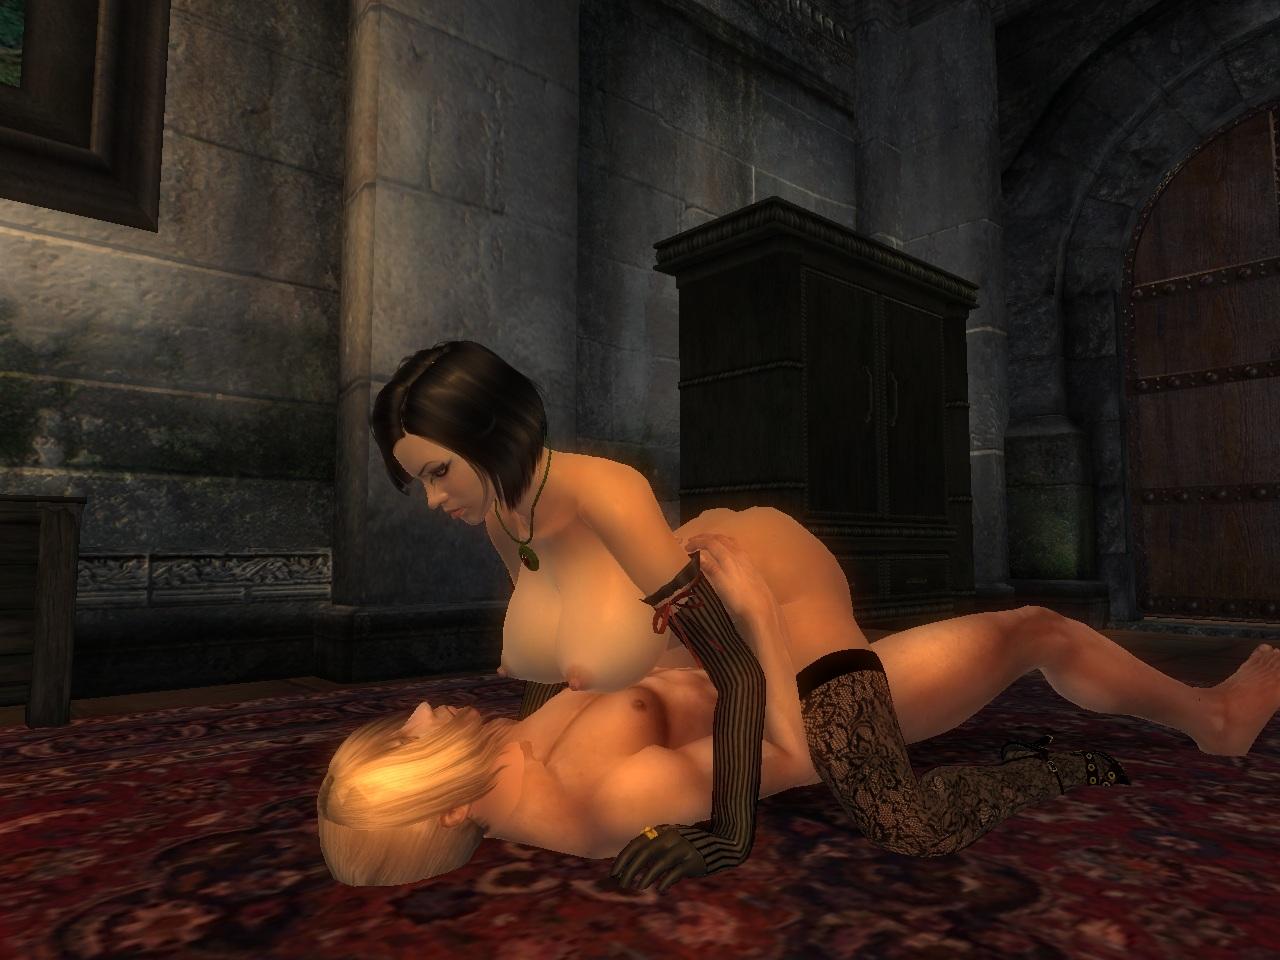 Мод порно смотреть онлайн трахнул жестко